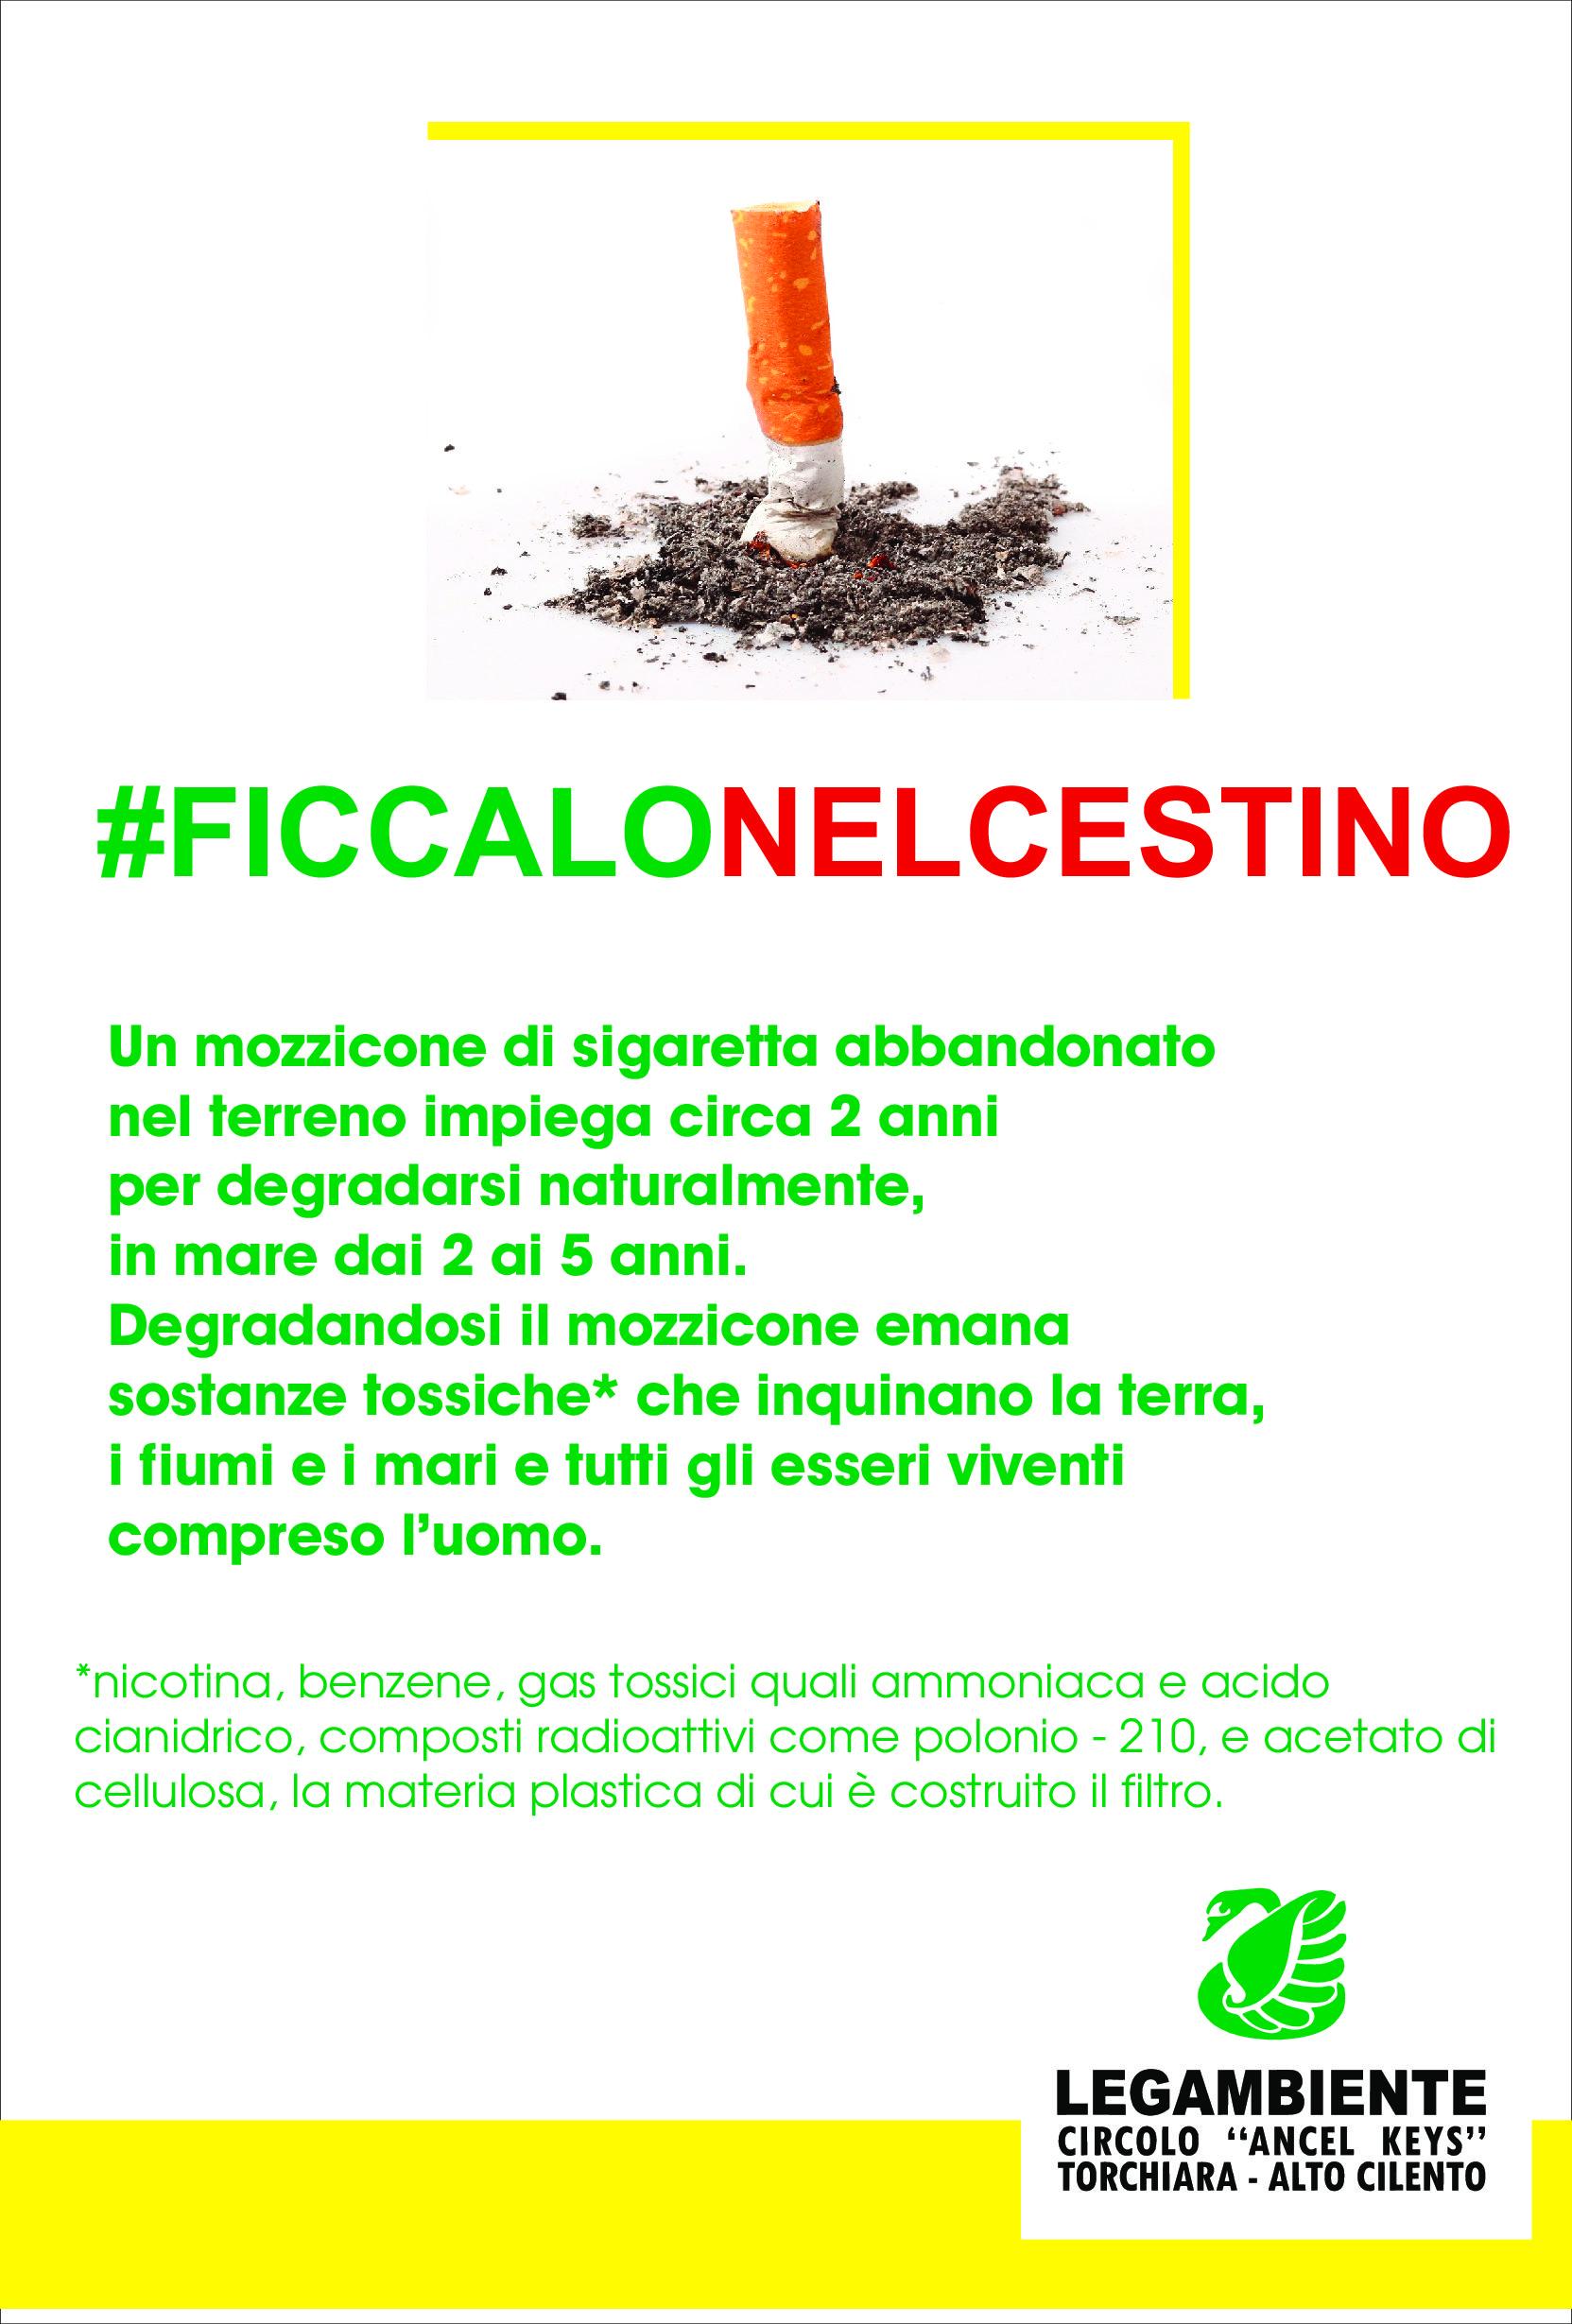 #ficcalonelcestino, Torchiara sensibilizza i cittadini contro le cicche di